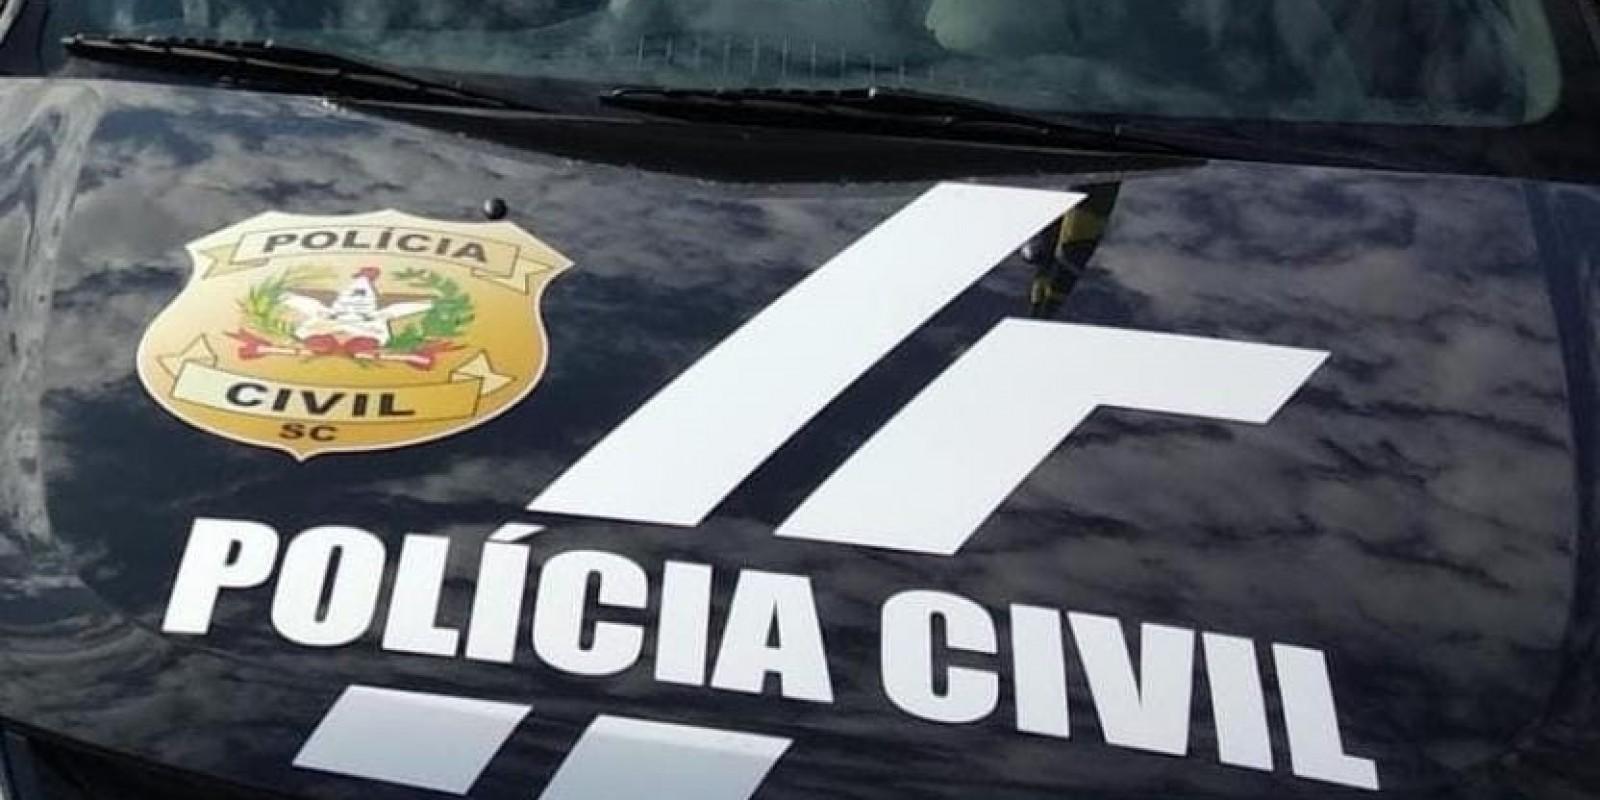 Polícia Civil de Braço do Norte  prende homem  por descumprimento de medidas protetivas.